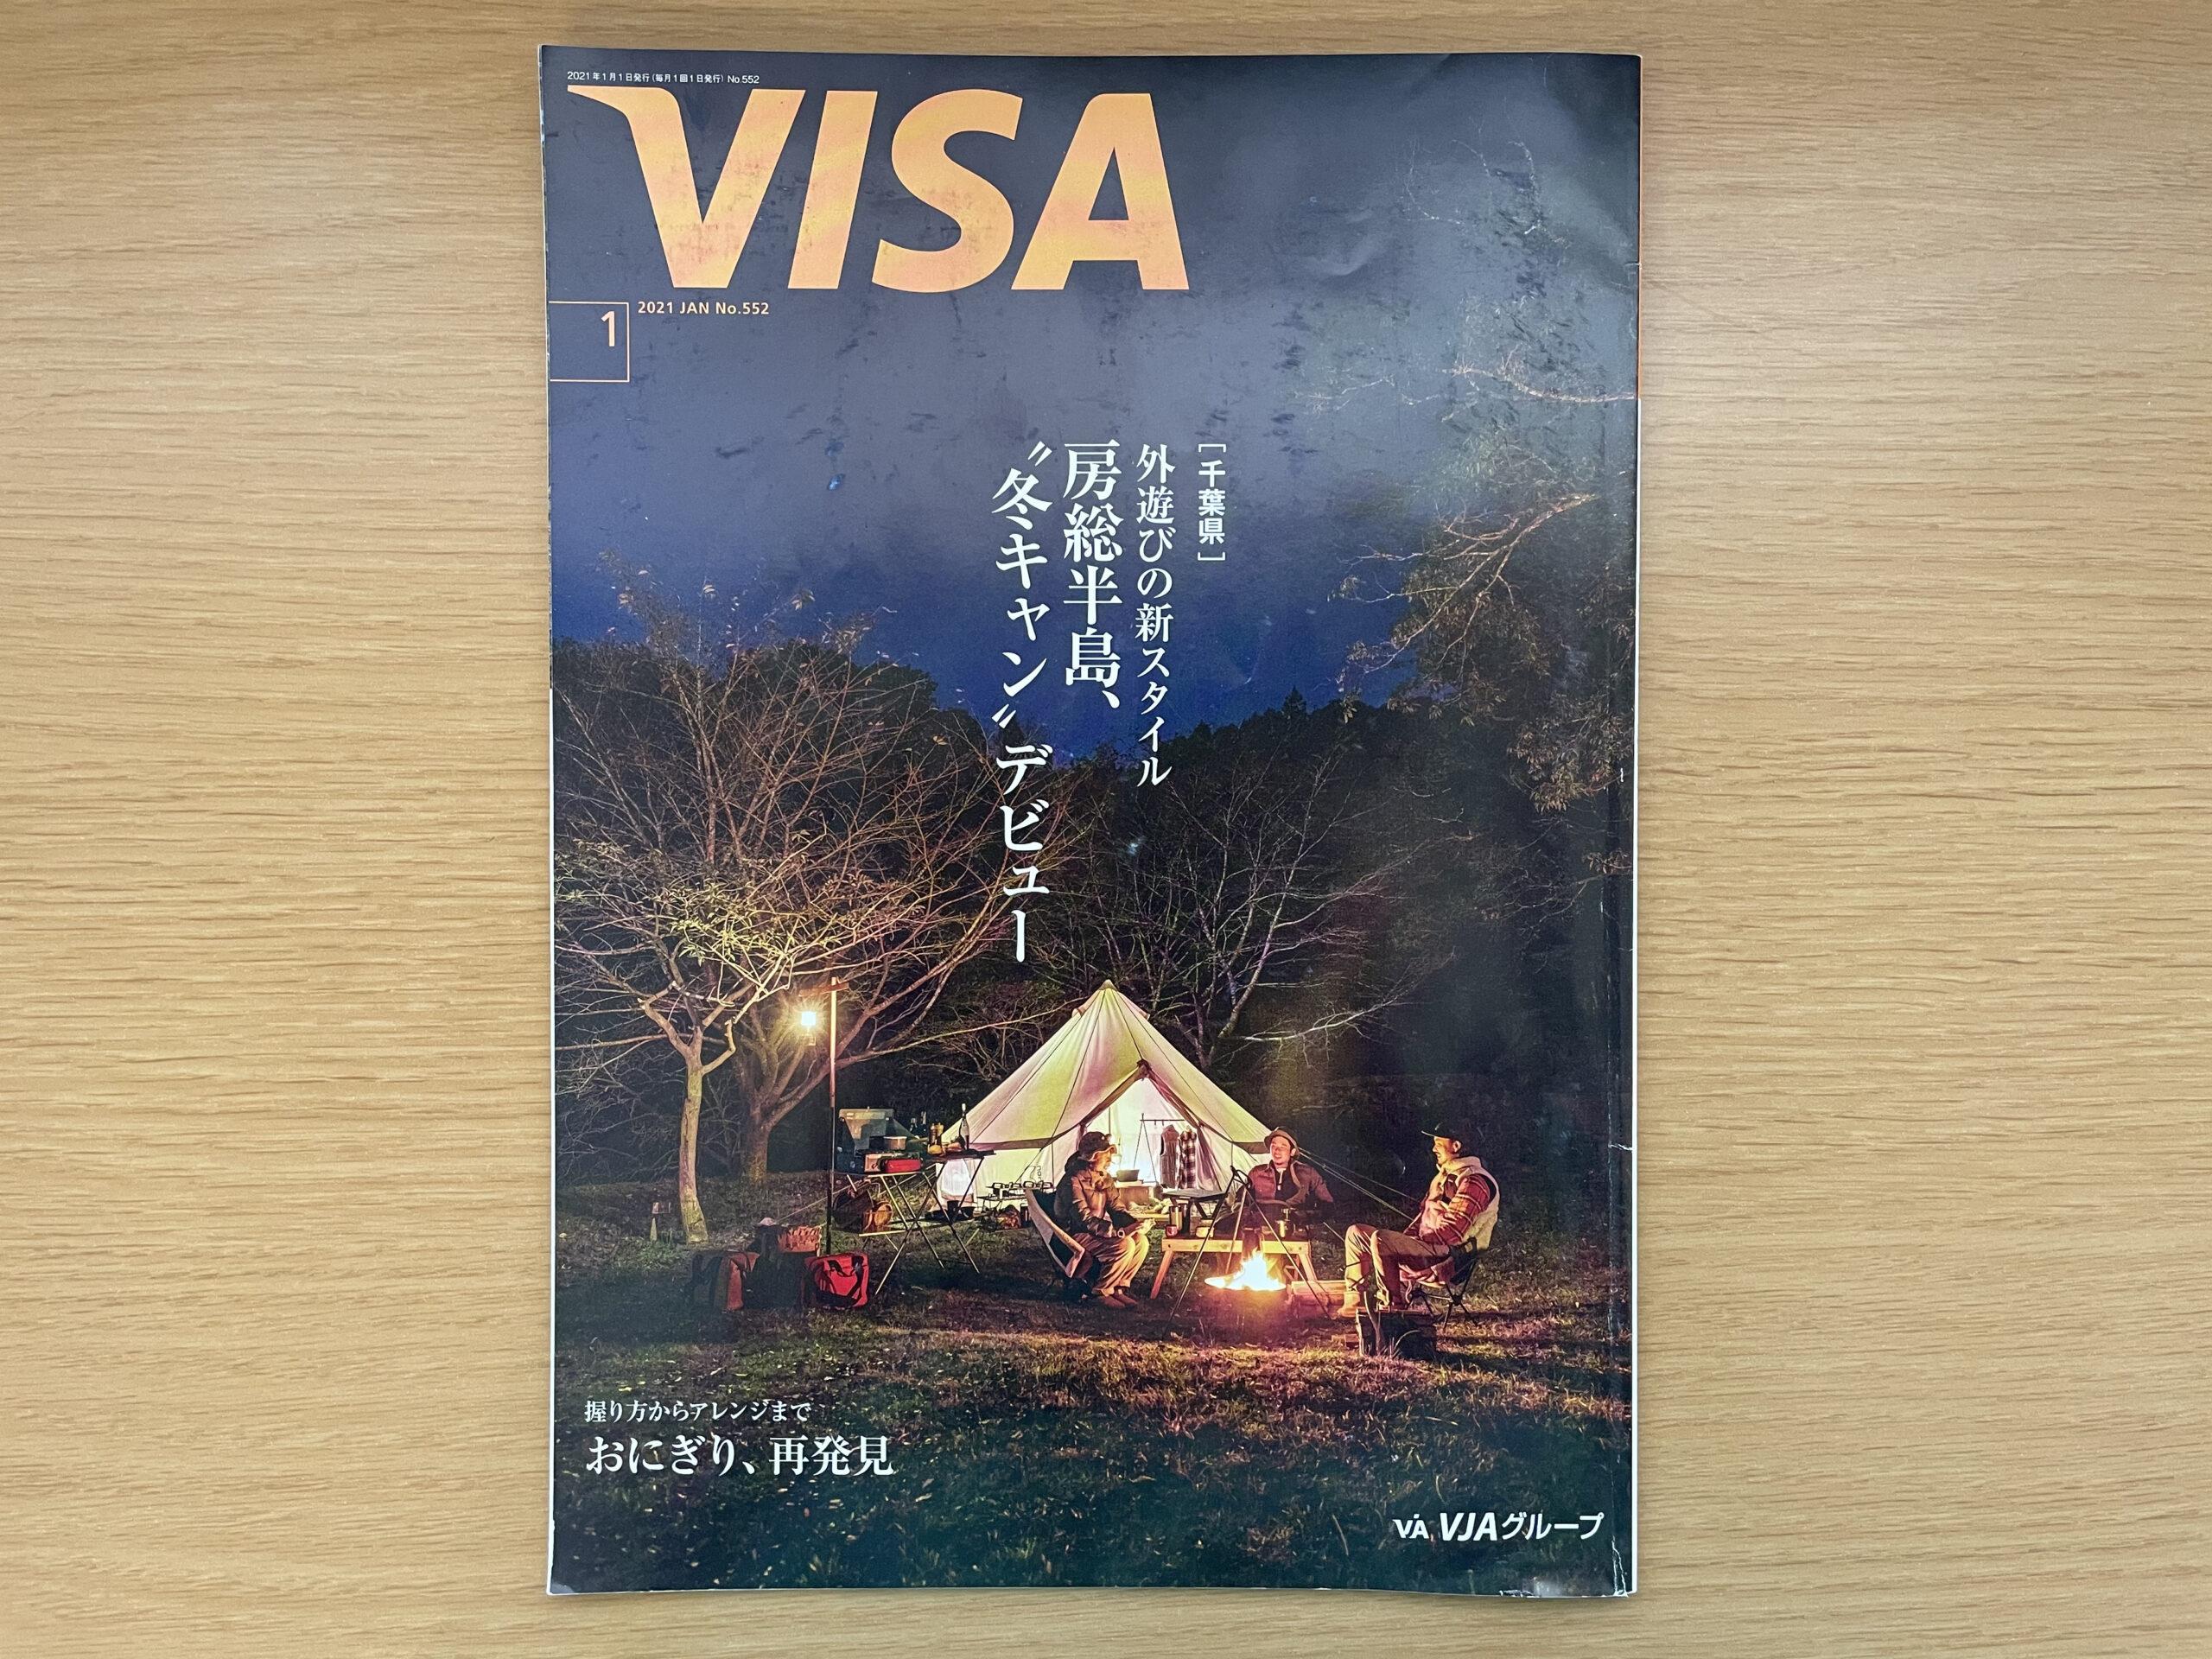 VISA情報誌キャンプ特集 キャンプフードコーディネート・モデル出演